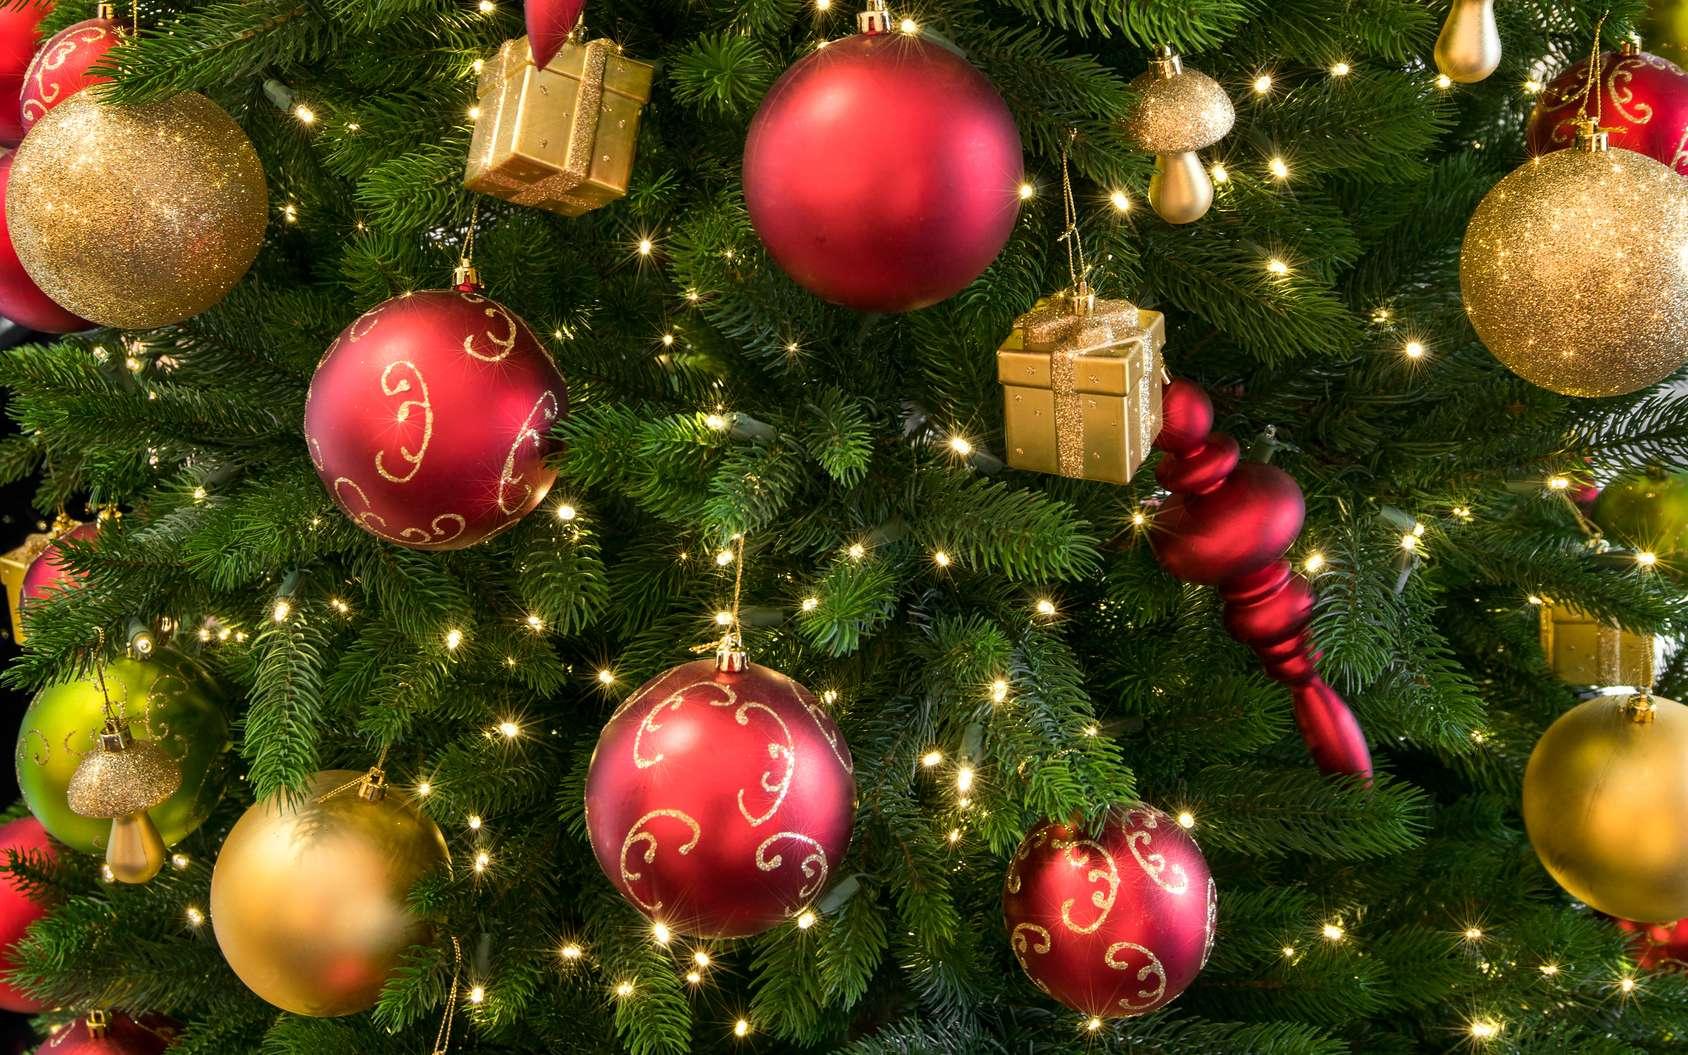 Quelle est l'origine des boules de Noël ? Pourquoi sont-elles souvent rouges ? © eyetronic, fotolia